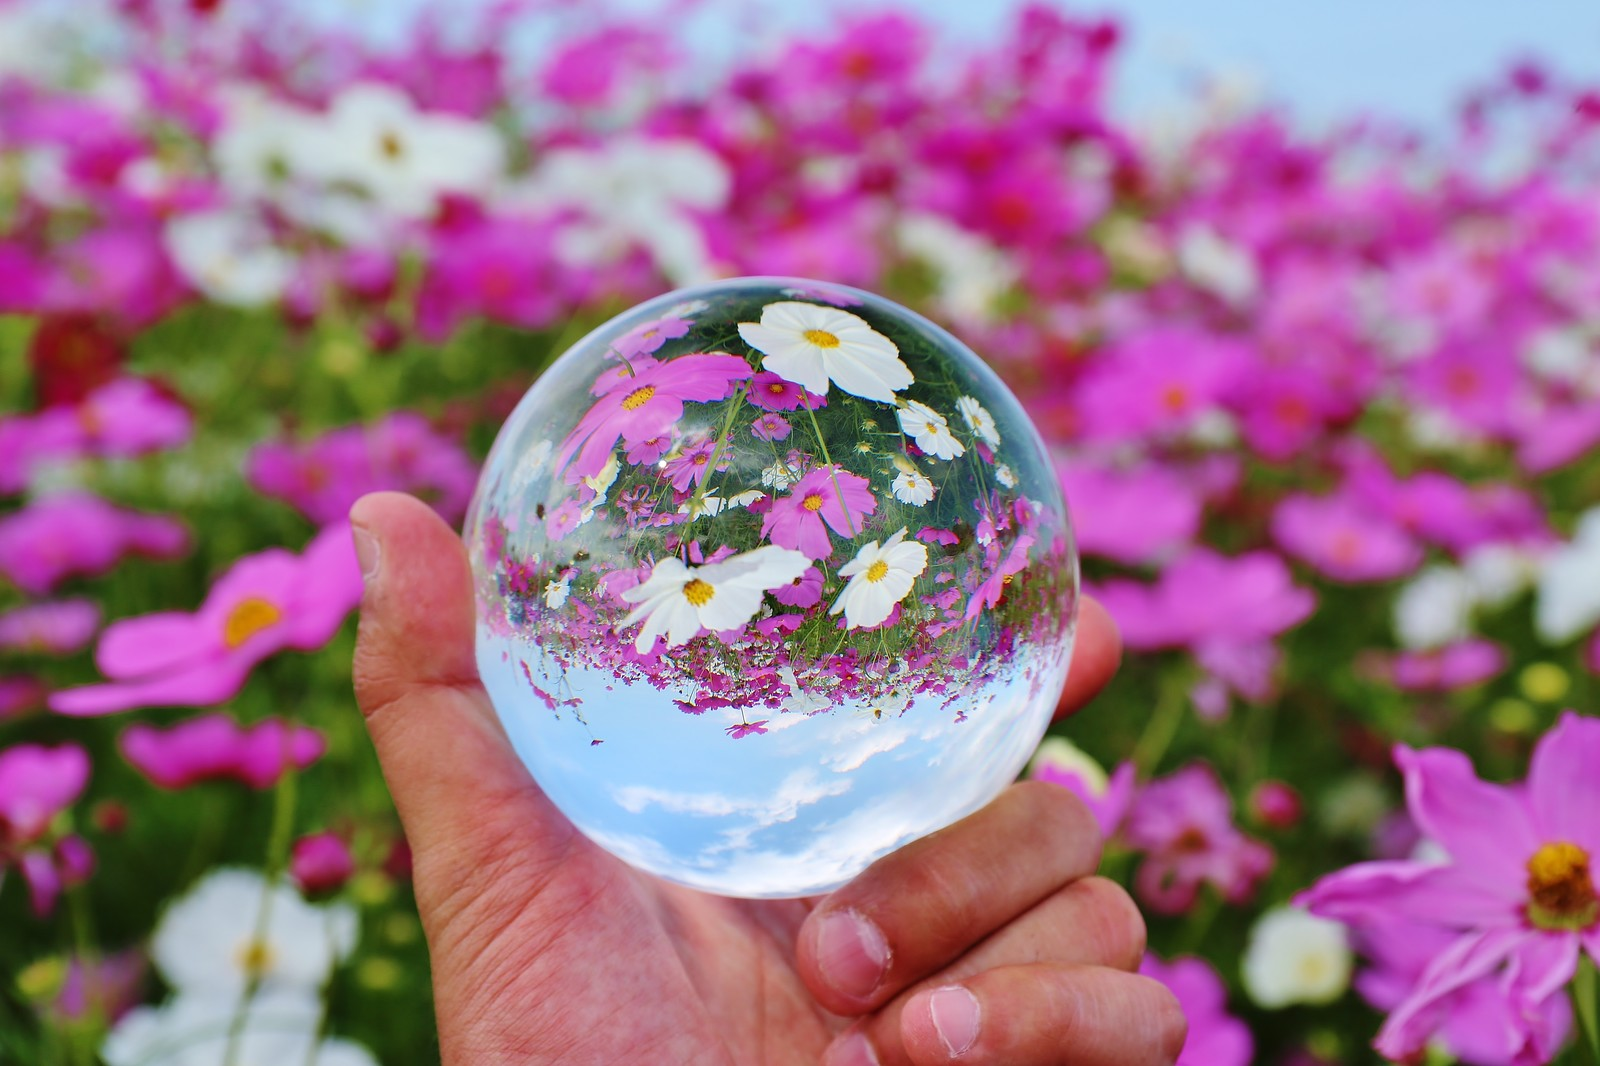 「コスモス畑と水晶玉」の写真